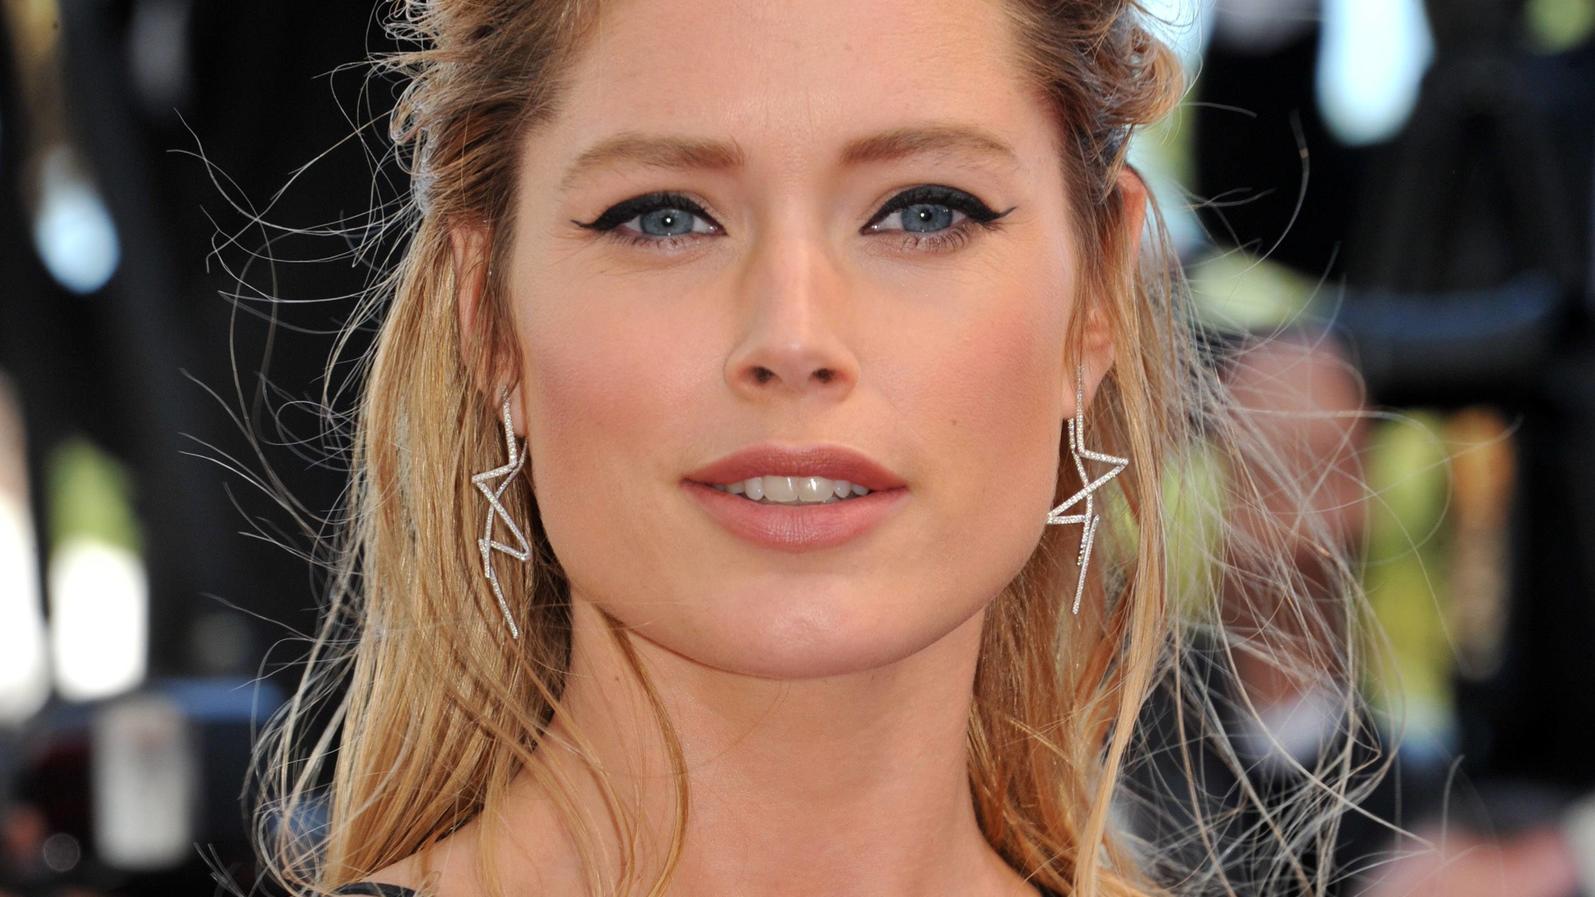 68th Cannes Film Festival 2015 Red carpet film Youth Pictured Doutzen Kroes PUBLICATIONxINxGERxSUIx